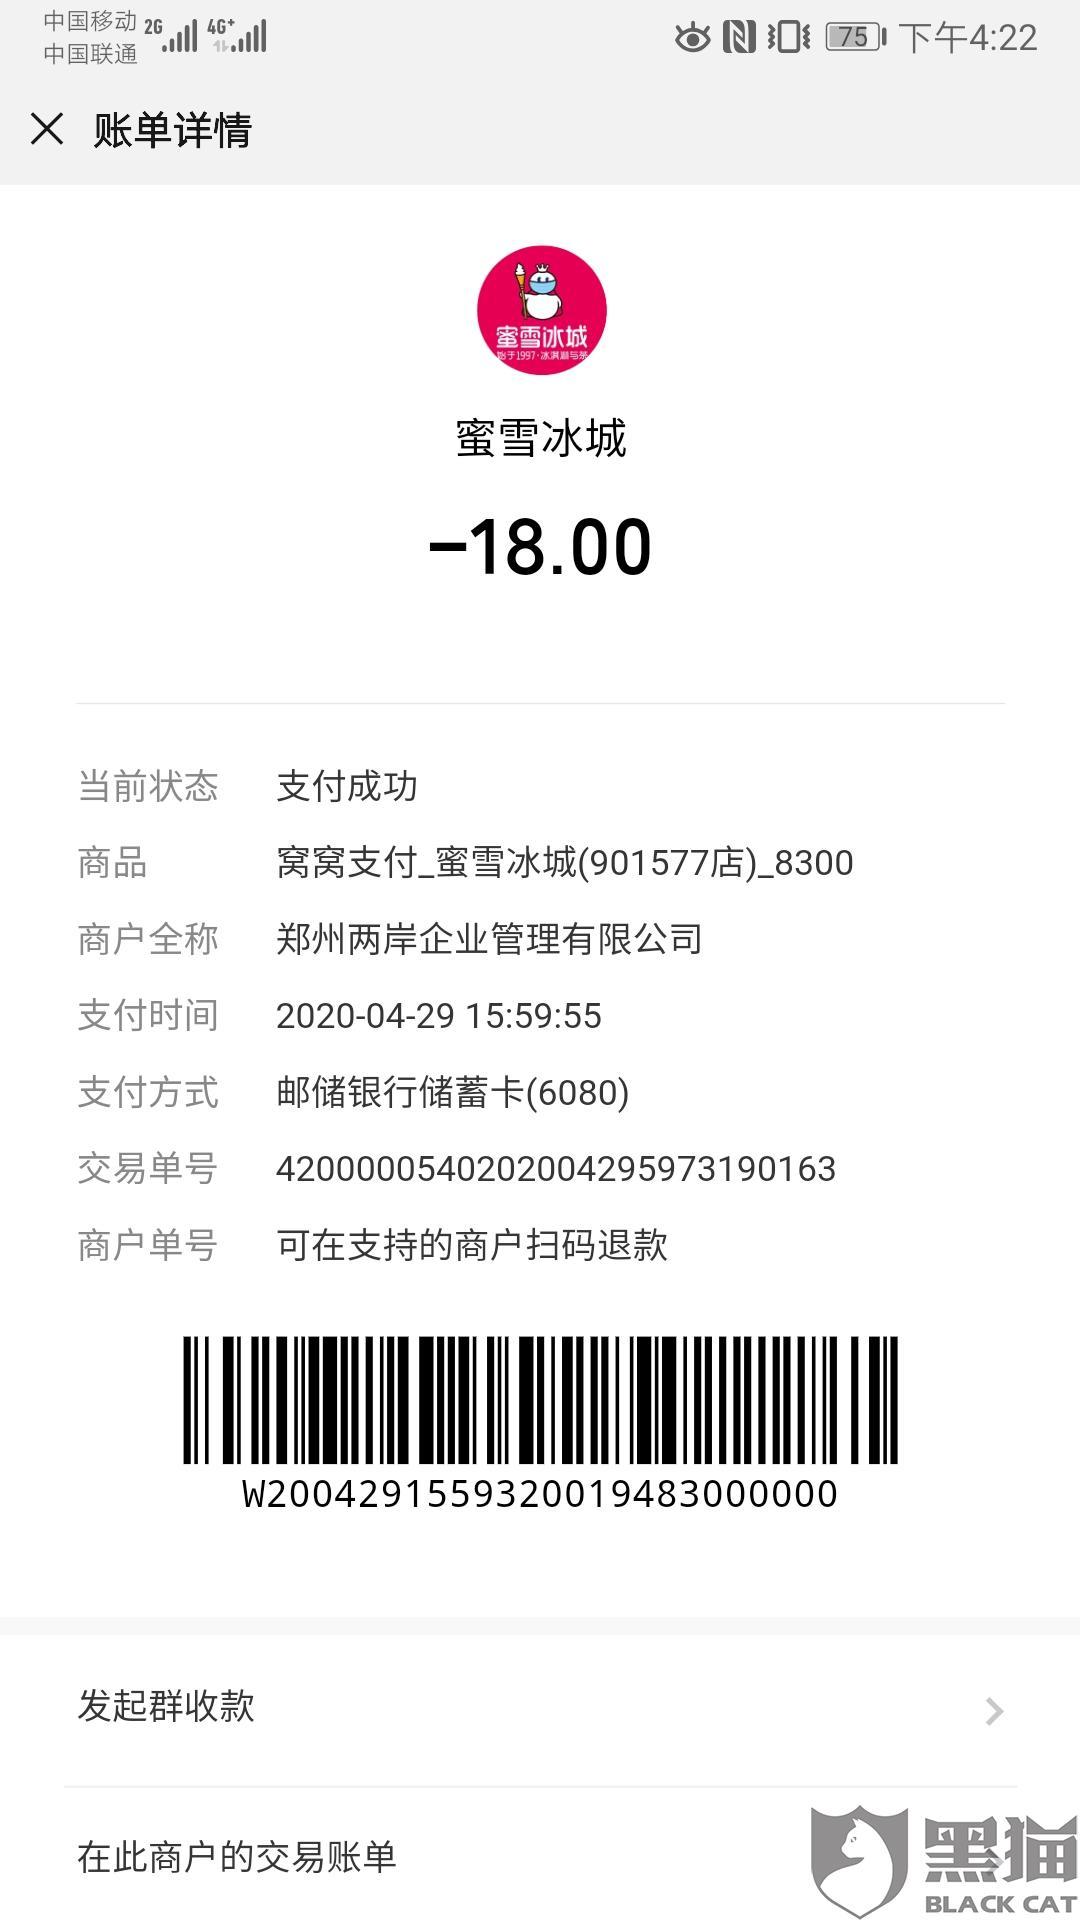 黑猫投诉:长垣县西大街蜜雪冰城